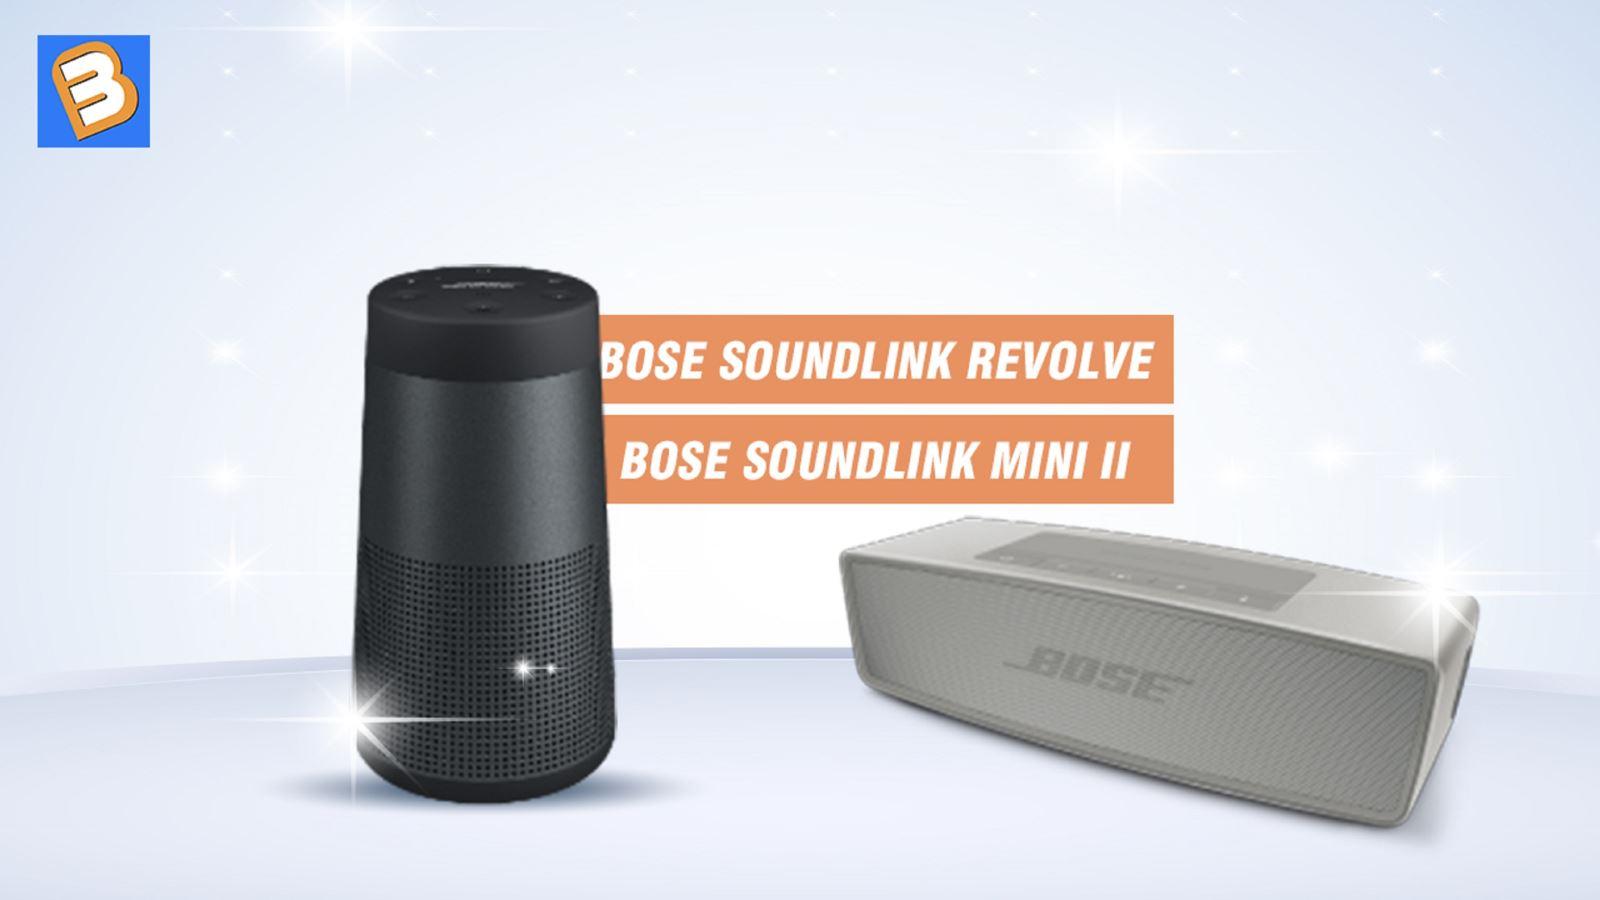 Bose Soundlink Revolve với Soundlink Mini II